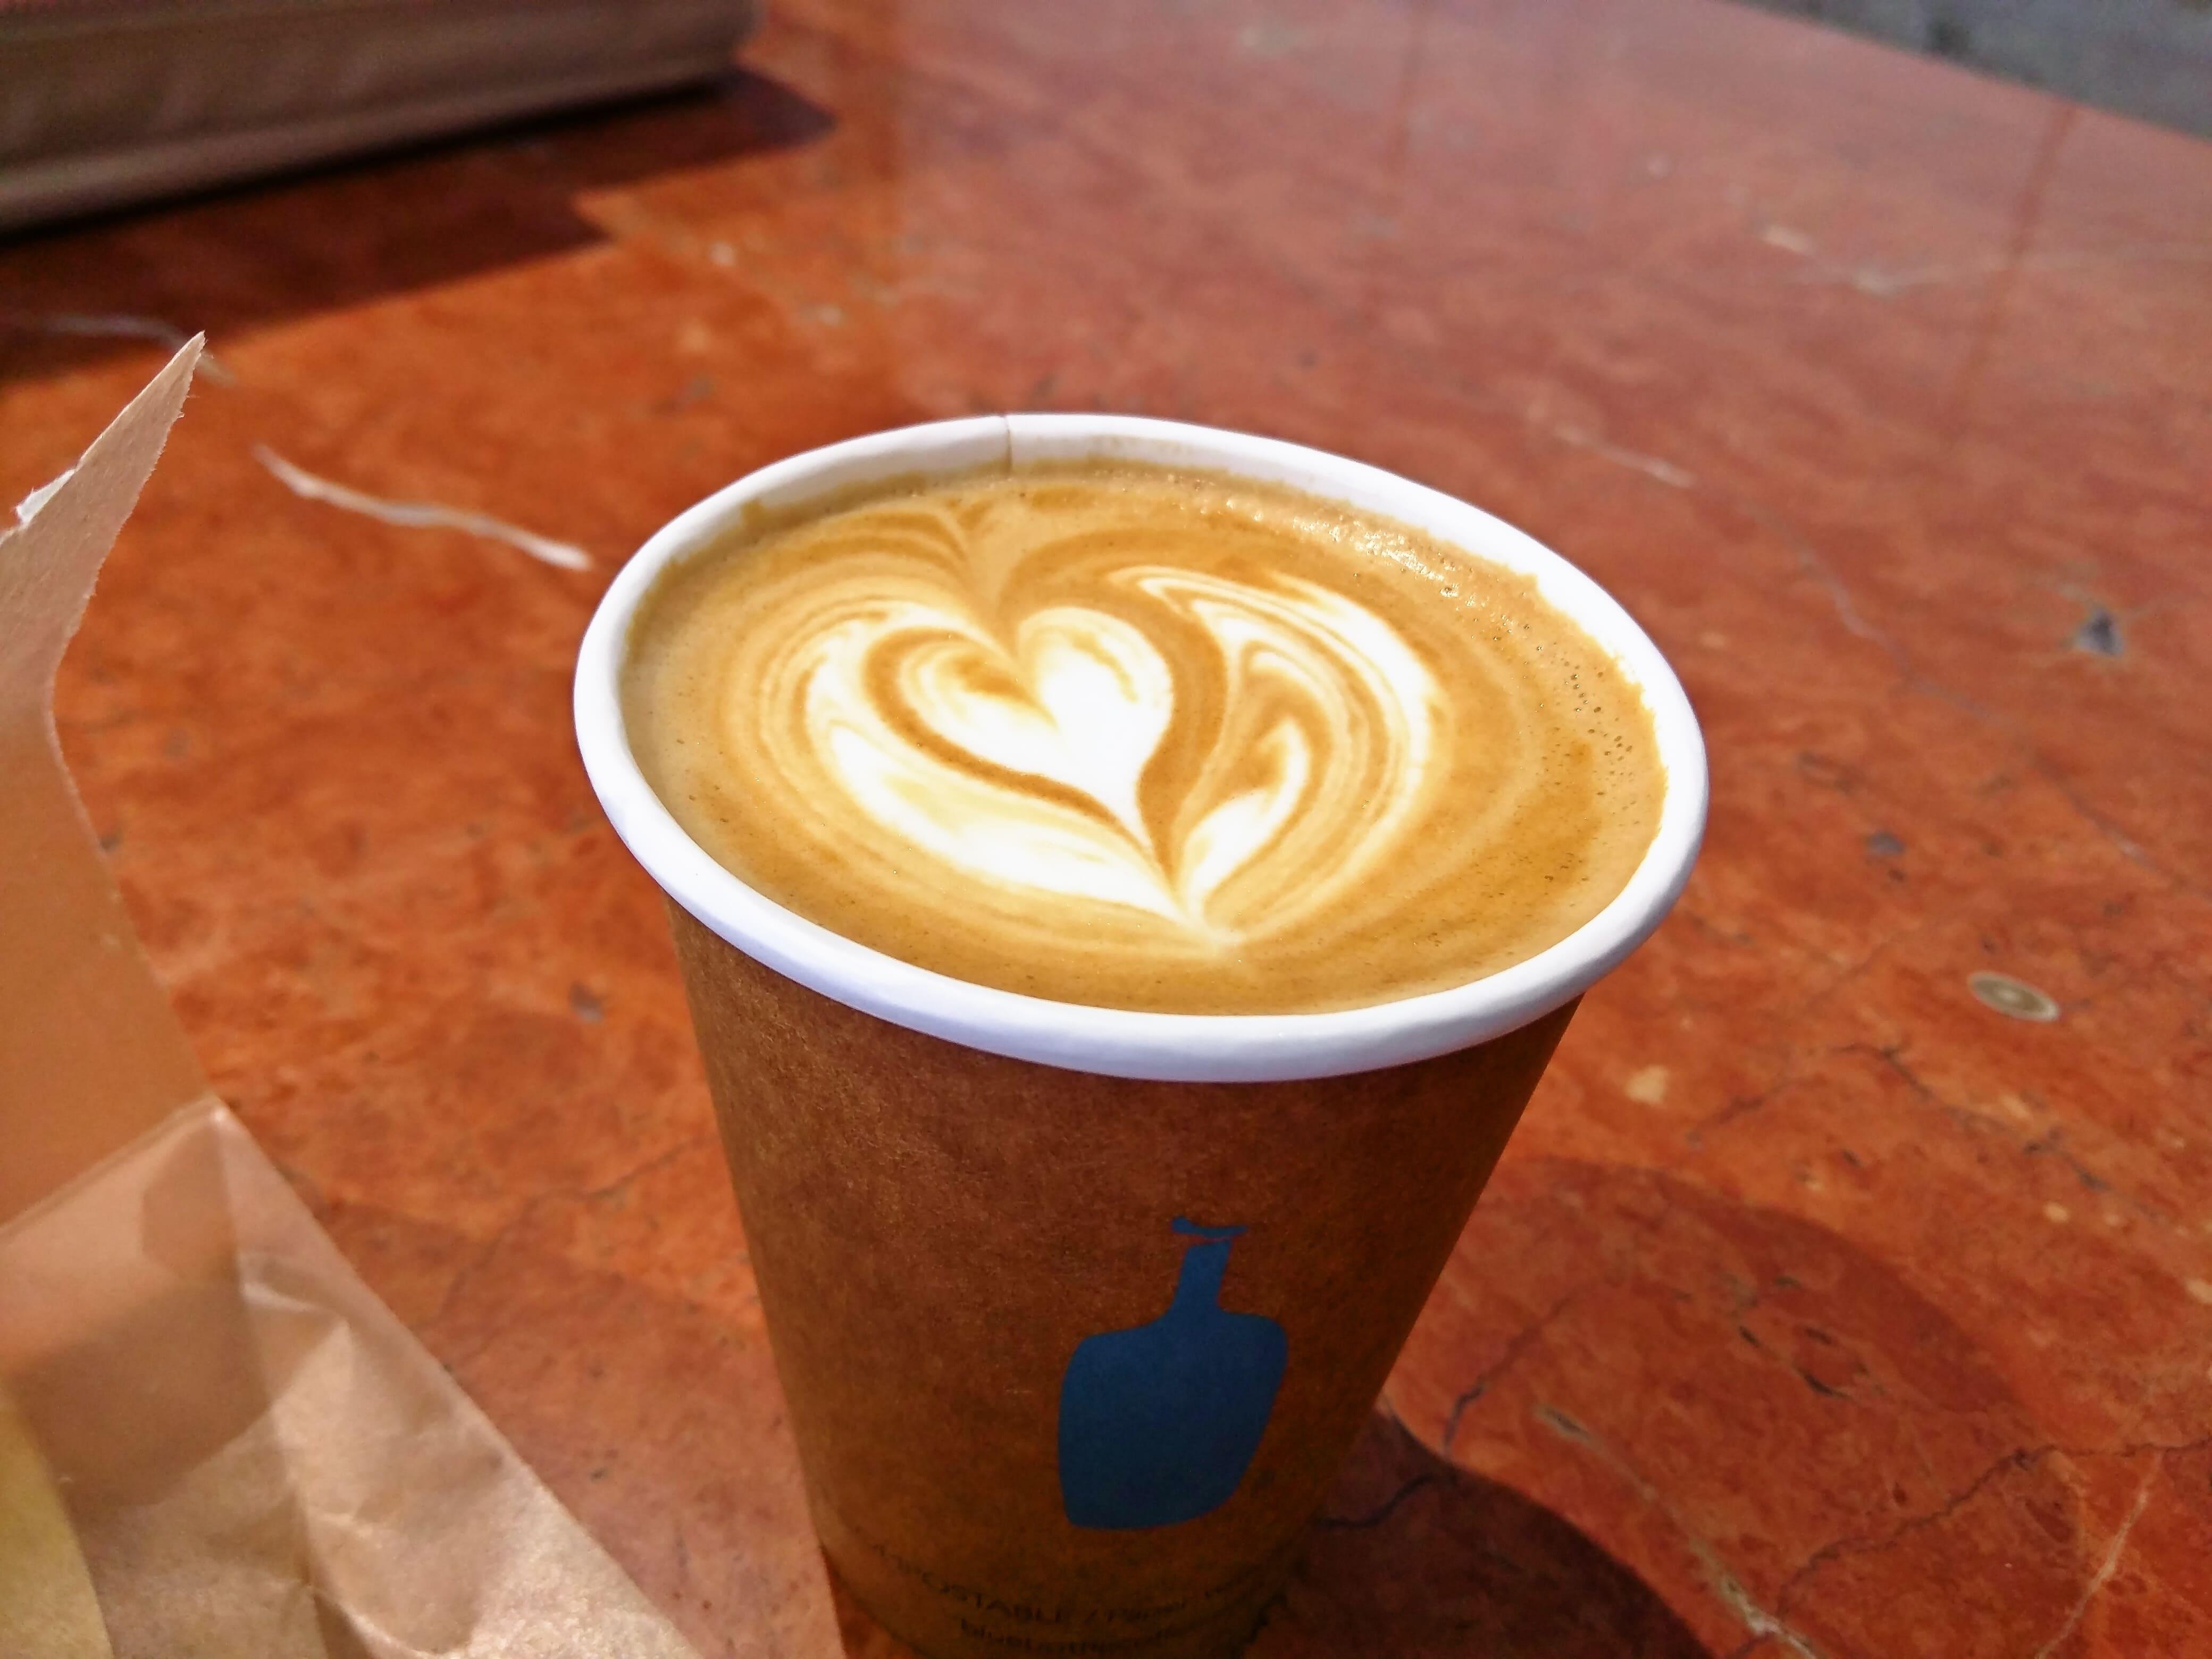 意識高い系サードウェーブコーヒーの雄 ~ 清澄白河 ブルーボトルコーヒー 清澄白河 ロースタリー&カフェ